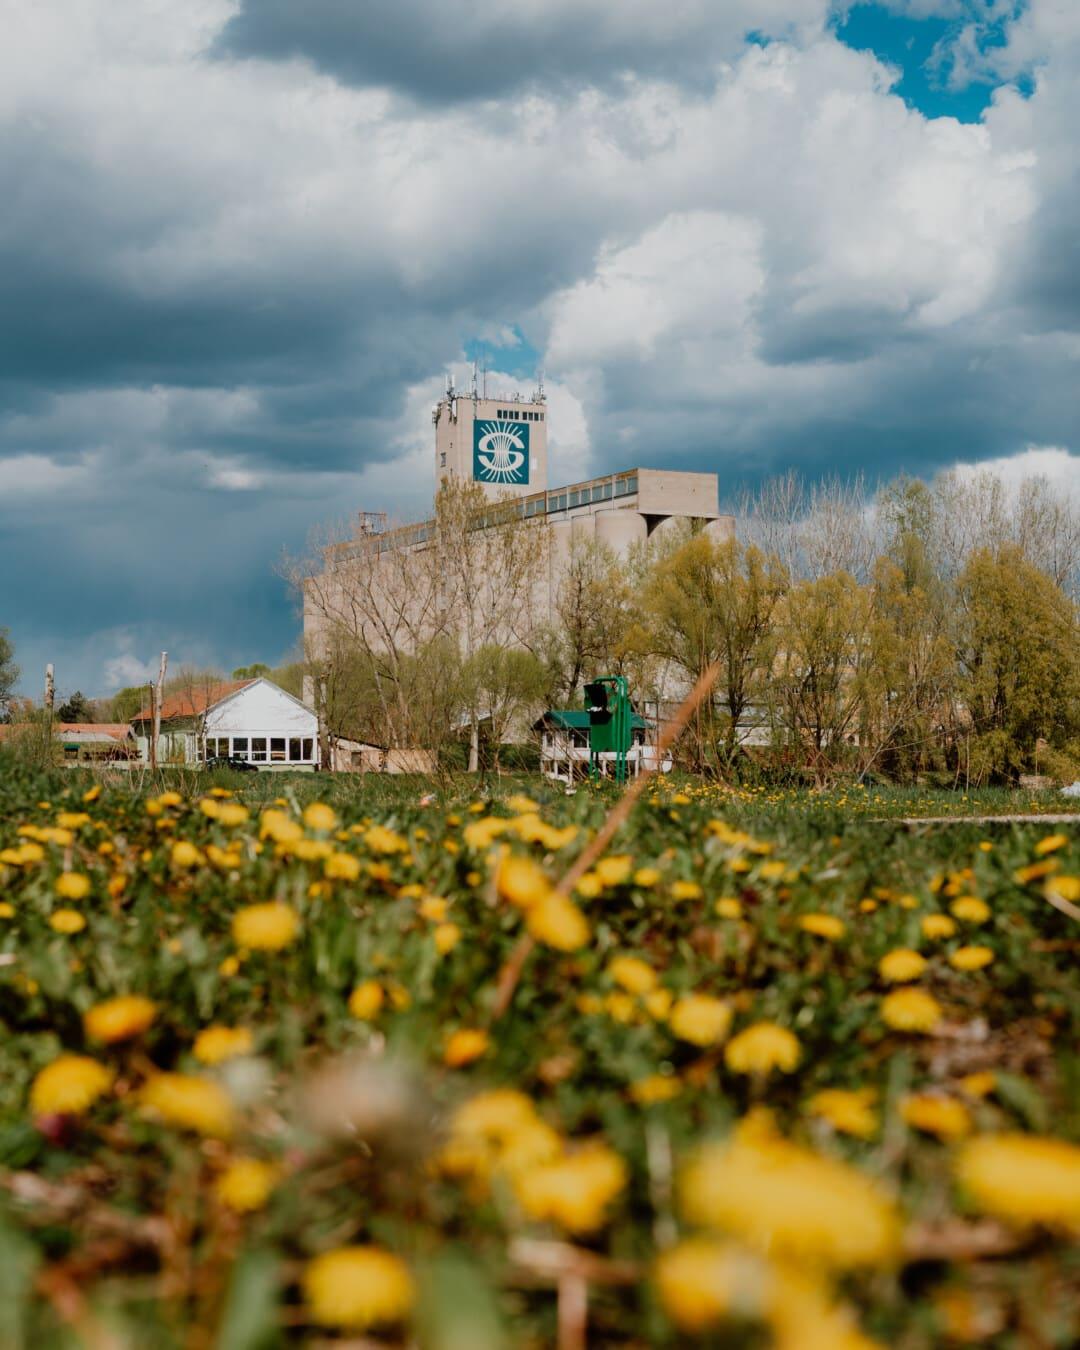 secteur d'activité, Factory, silo, zone urbaine, herbeux, rue, plante, nature, à l'extérieur, paysage